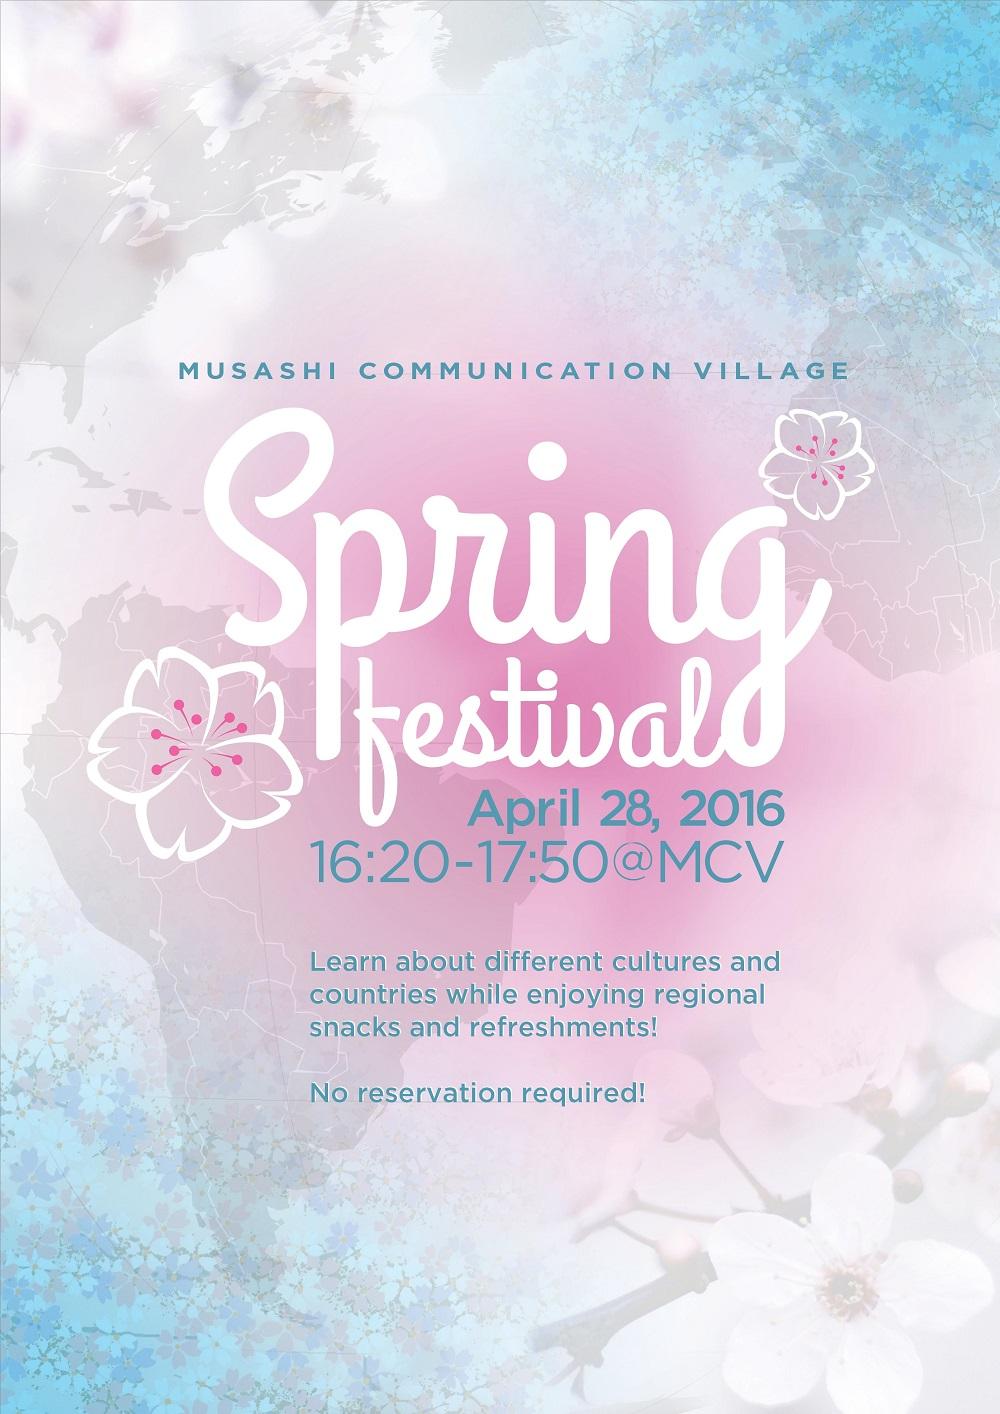 """武蔵大学が4月28日に、在学生を対象とした「Spring Festival~新入生歓迎・異文化体験イベント~」を国際村""""Musashi Communication Village(MCV)""""で開催"""